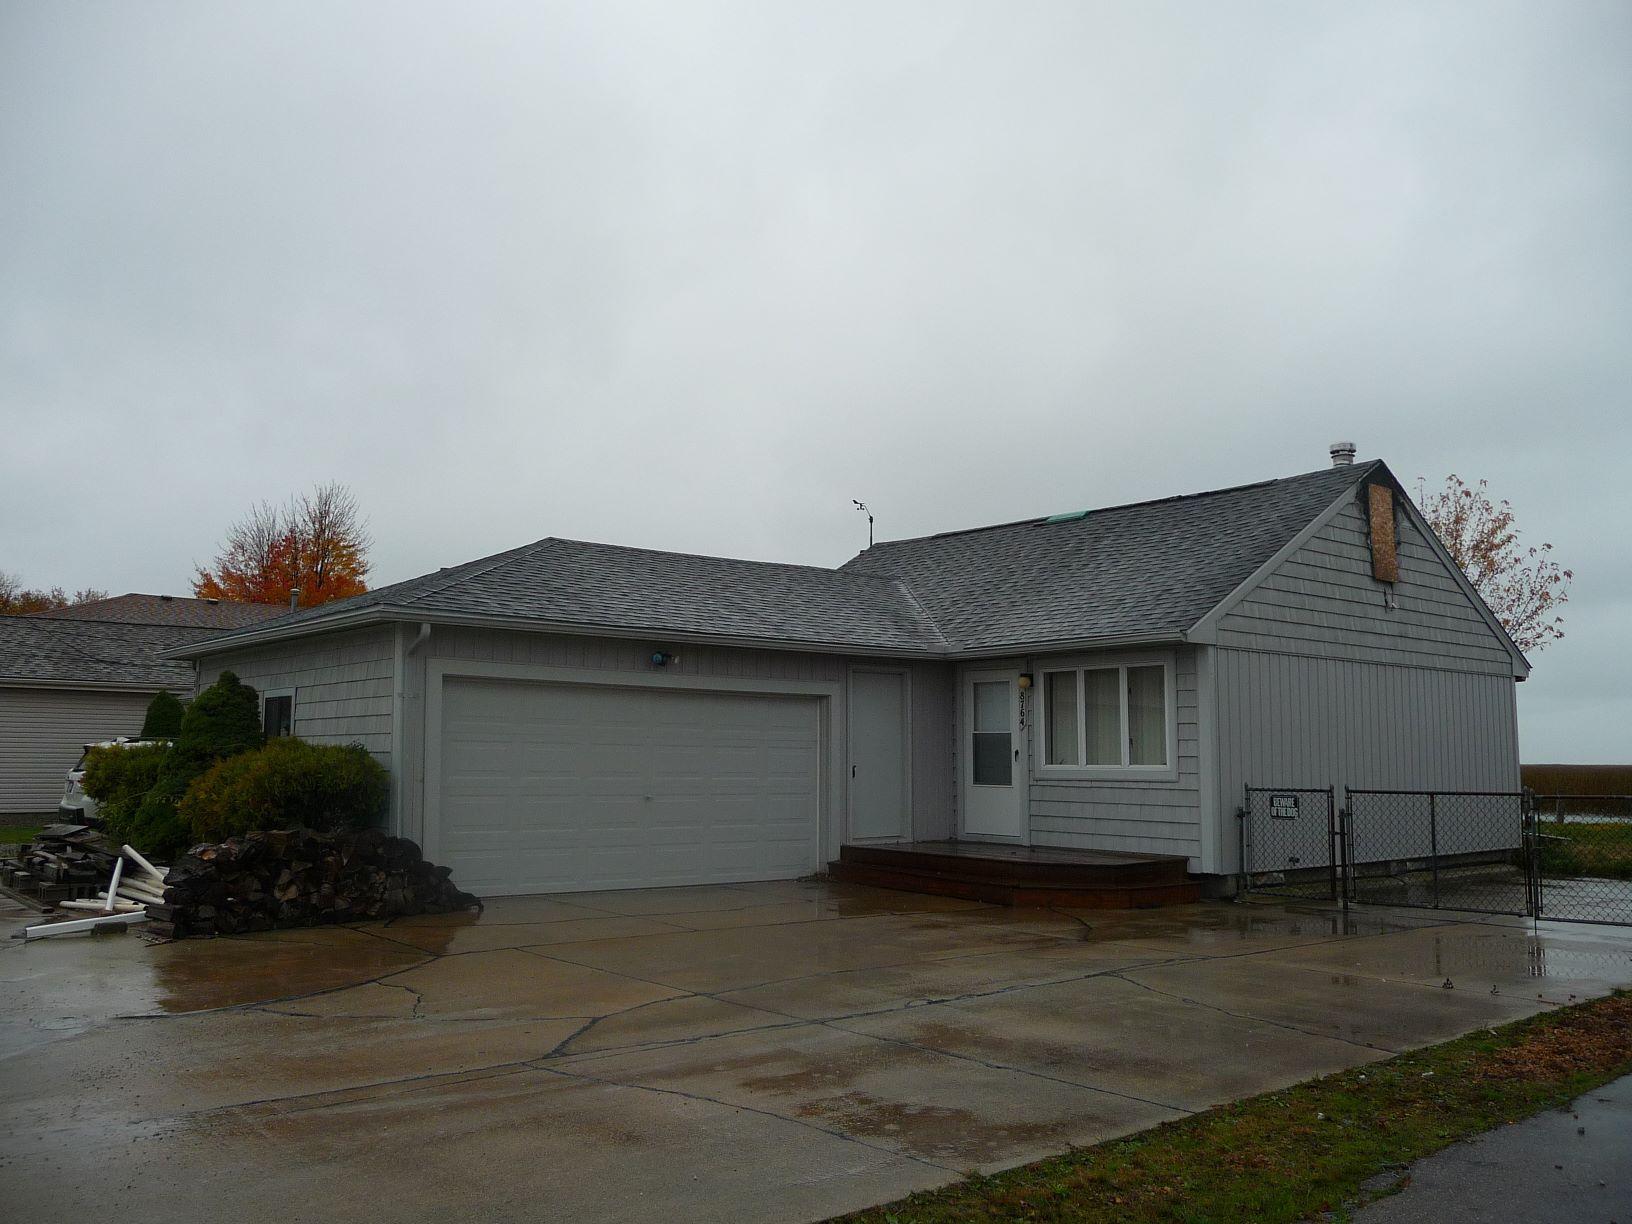 8764 Anchor Bay Dr, Clay Township, MI